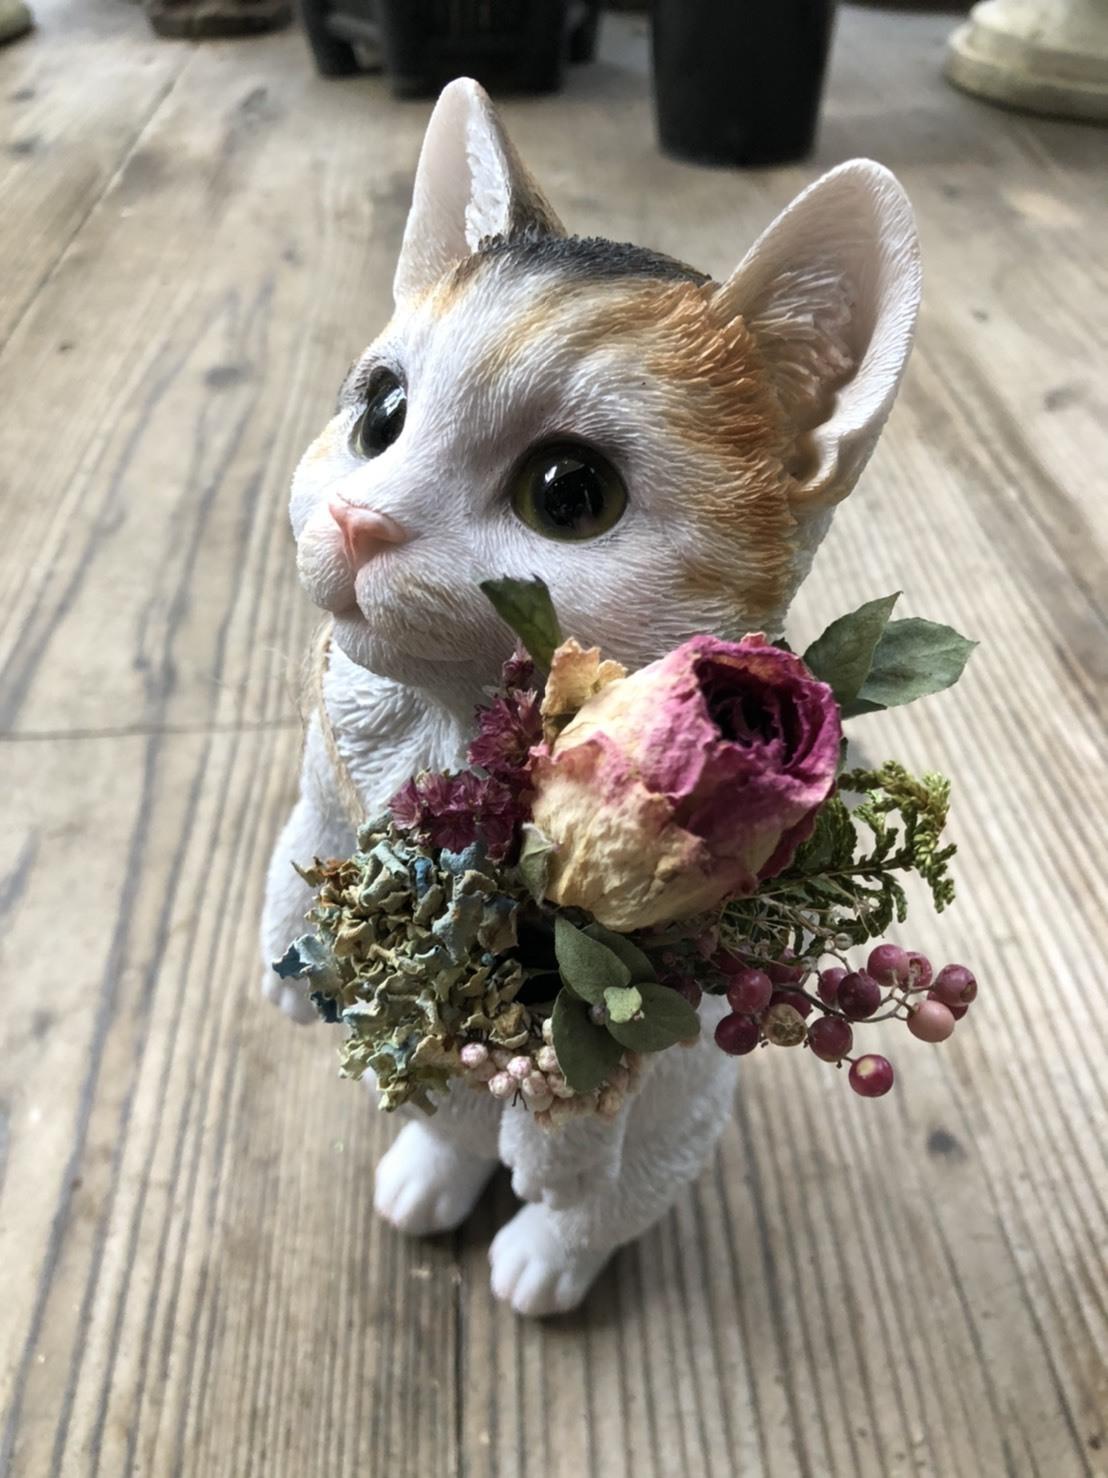 ドライフラワーと子猫の置物 - ミケ猫